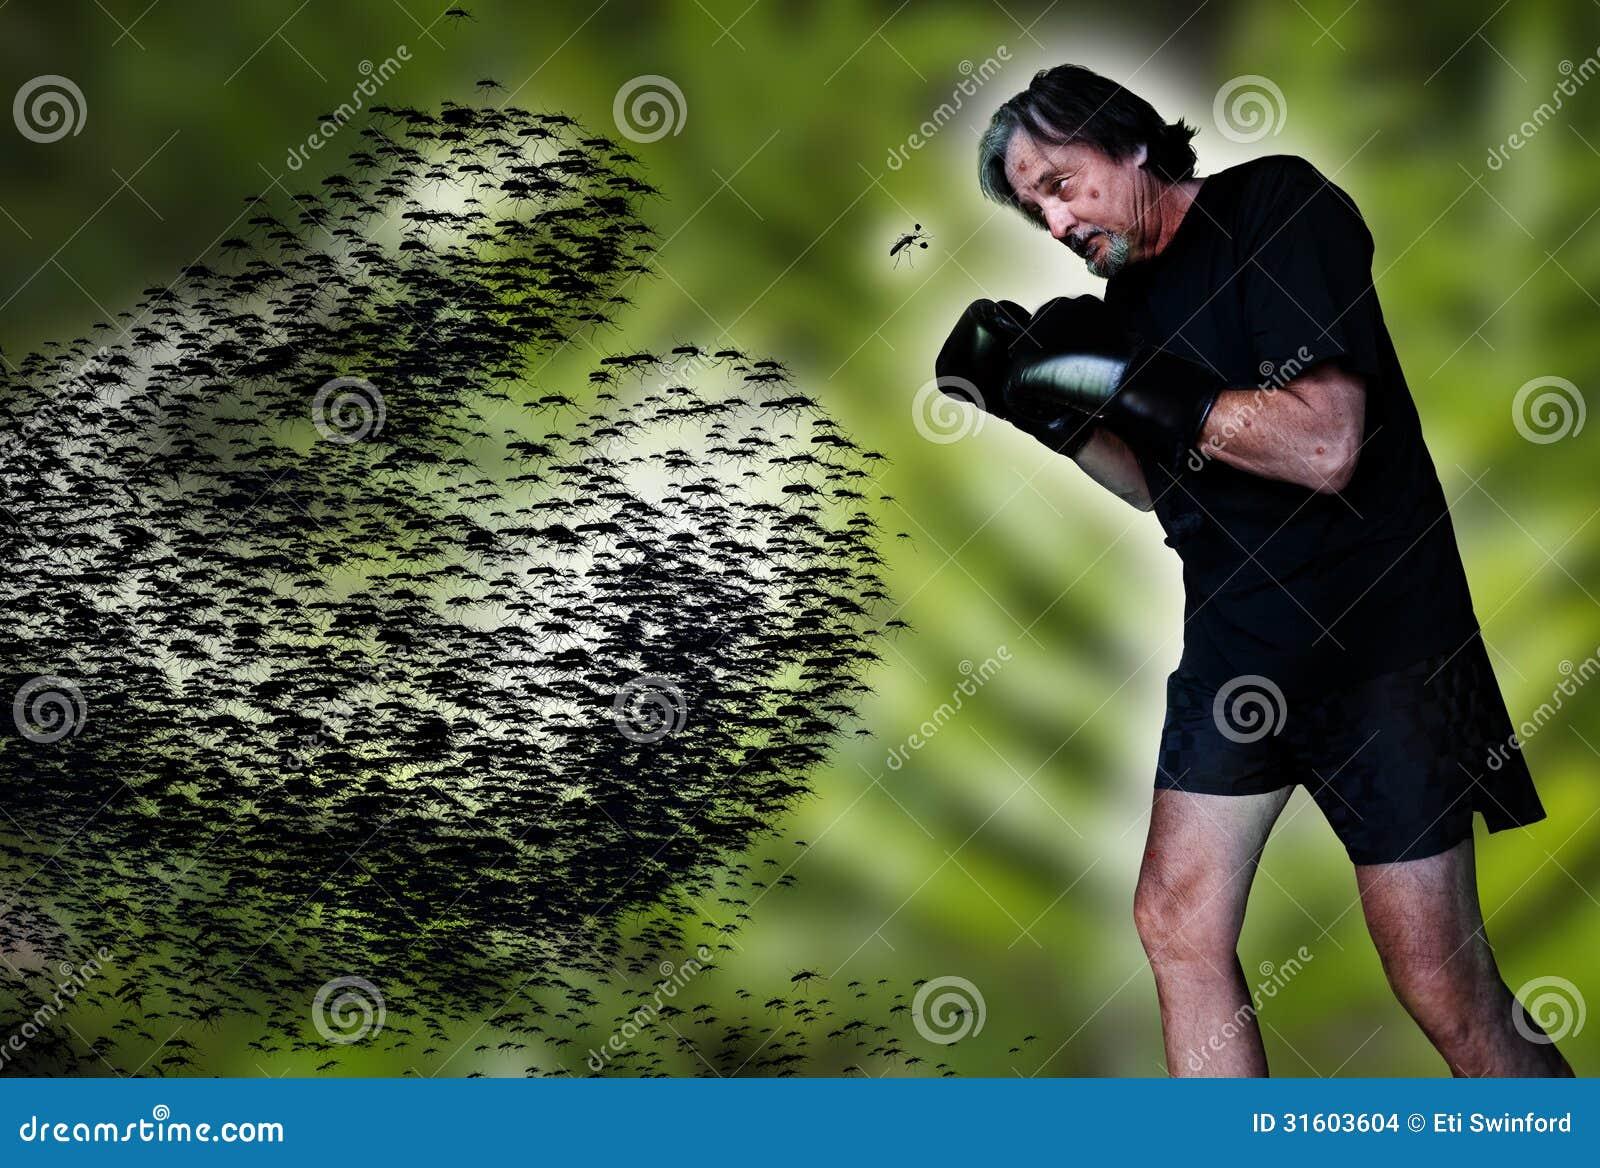 Man fighting mosquito